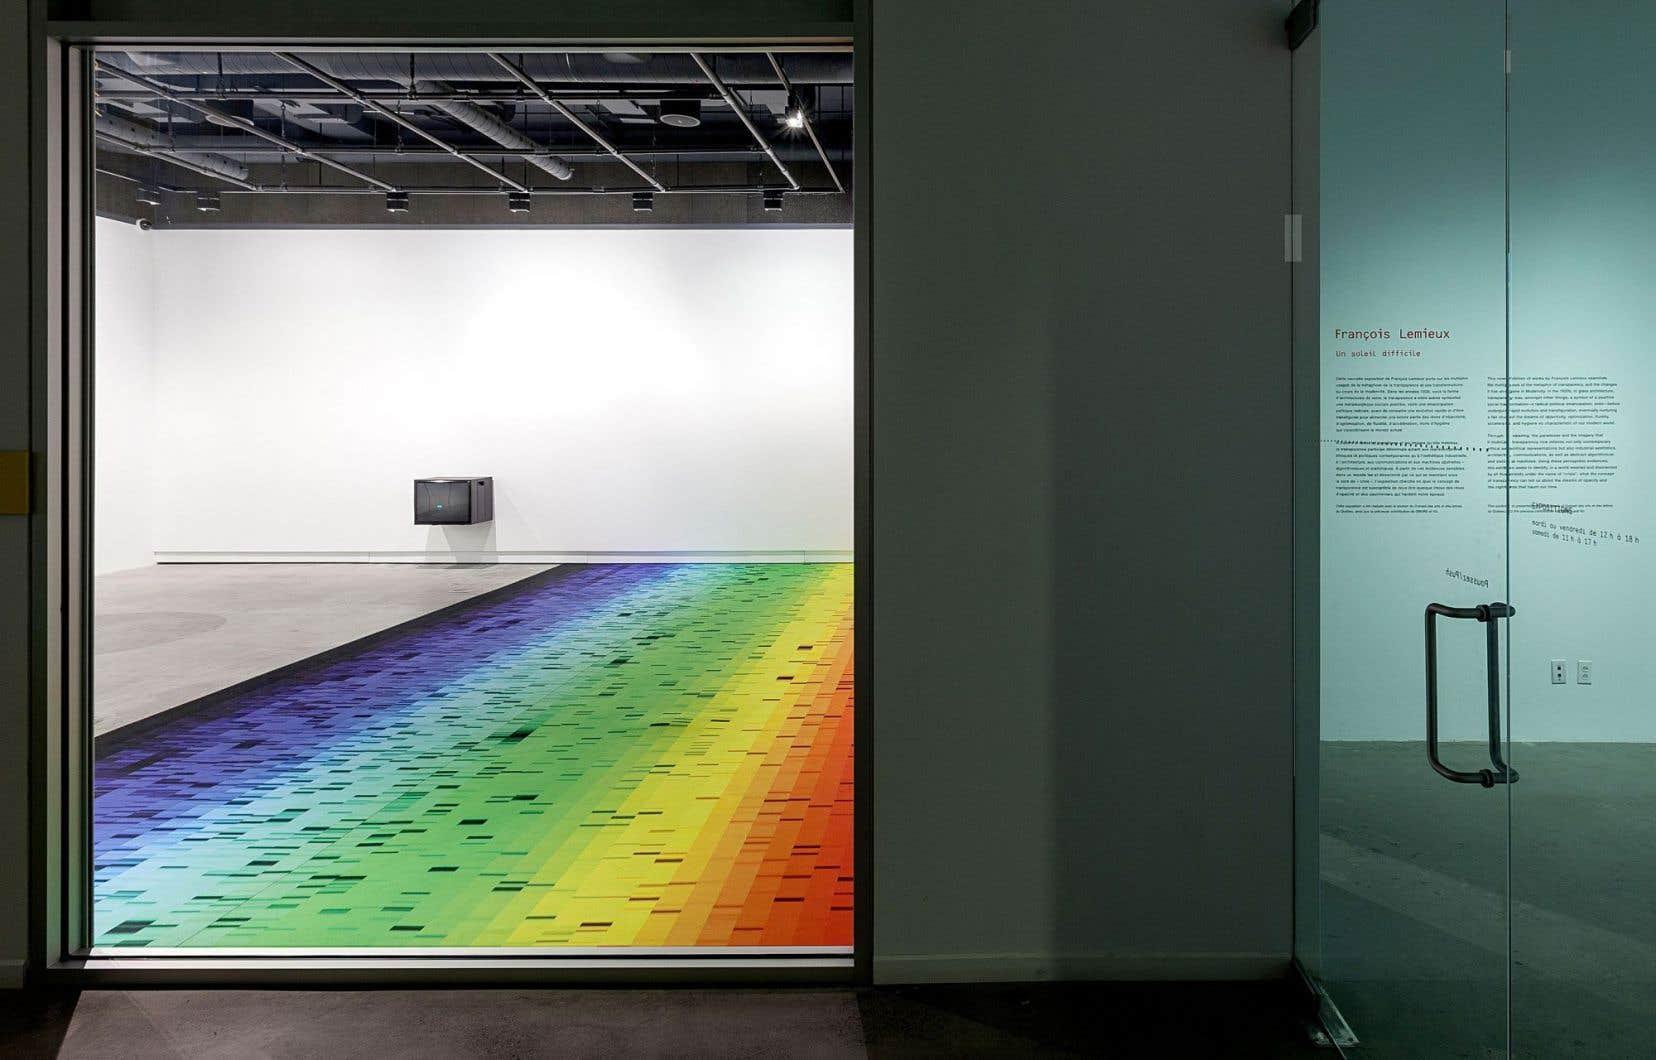 Vue de l'expositionde François Lemieux, «Un soleil difficile», chezVOX